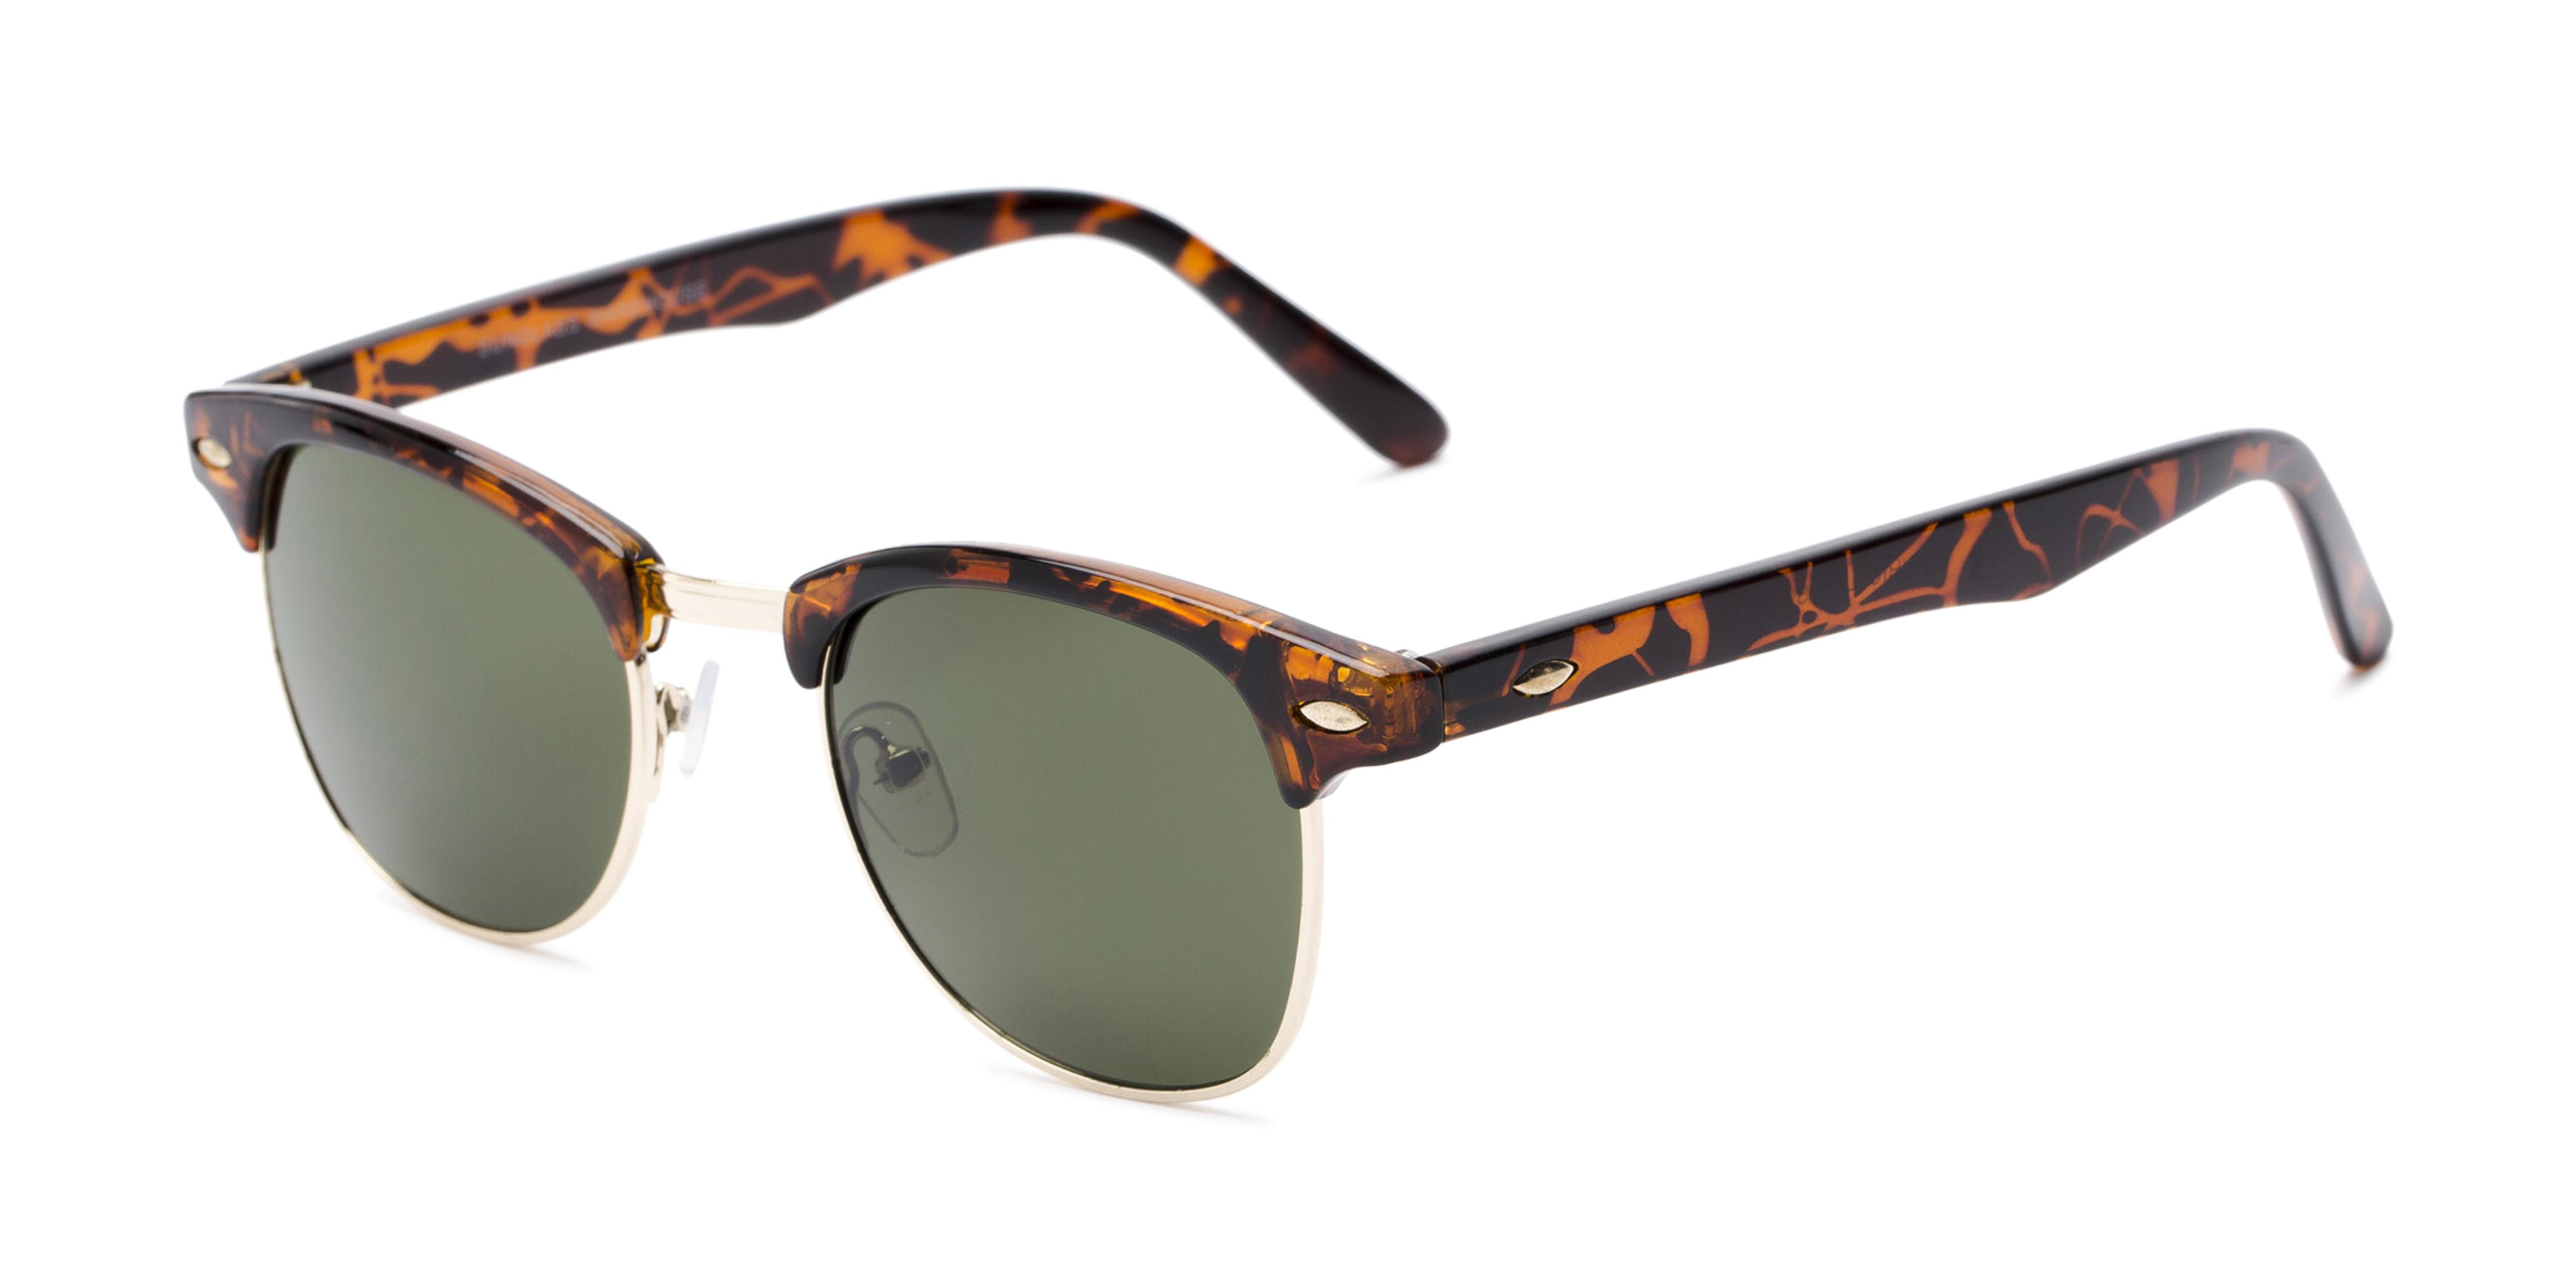 Whistler Brown Tortoise/Gold Frame with Green Lenses